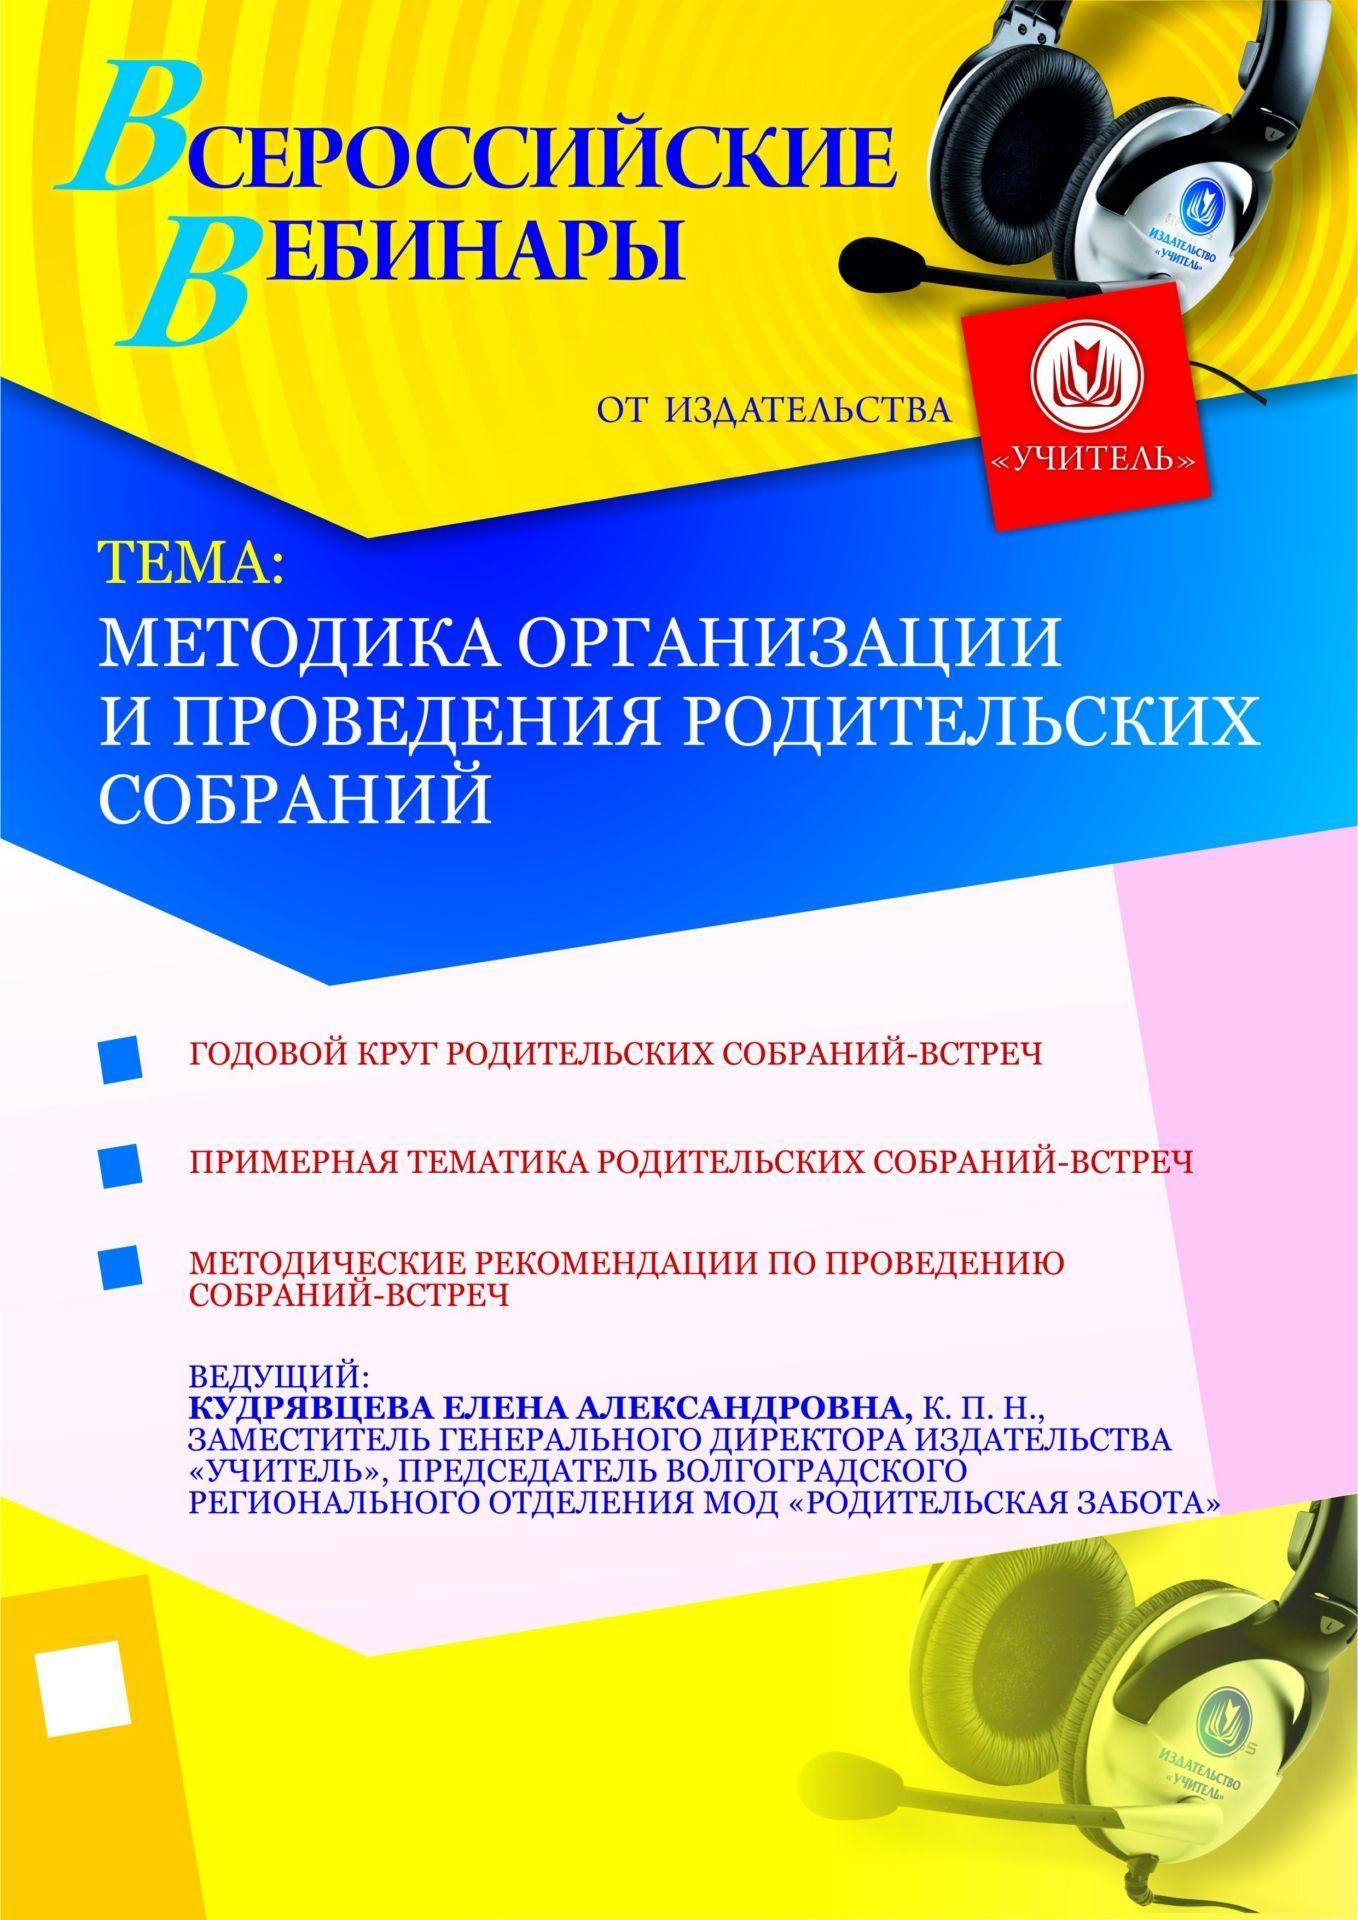 Методика организации и проведения родительских собраний фото